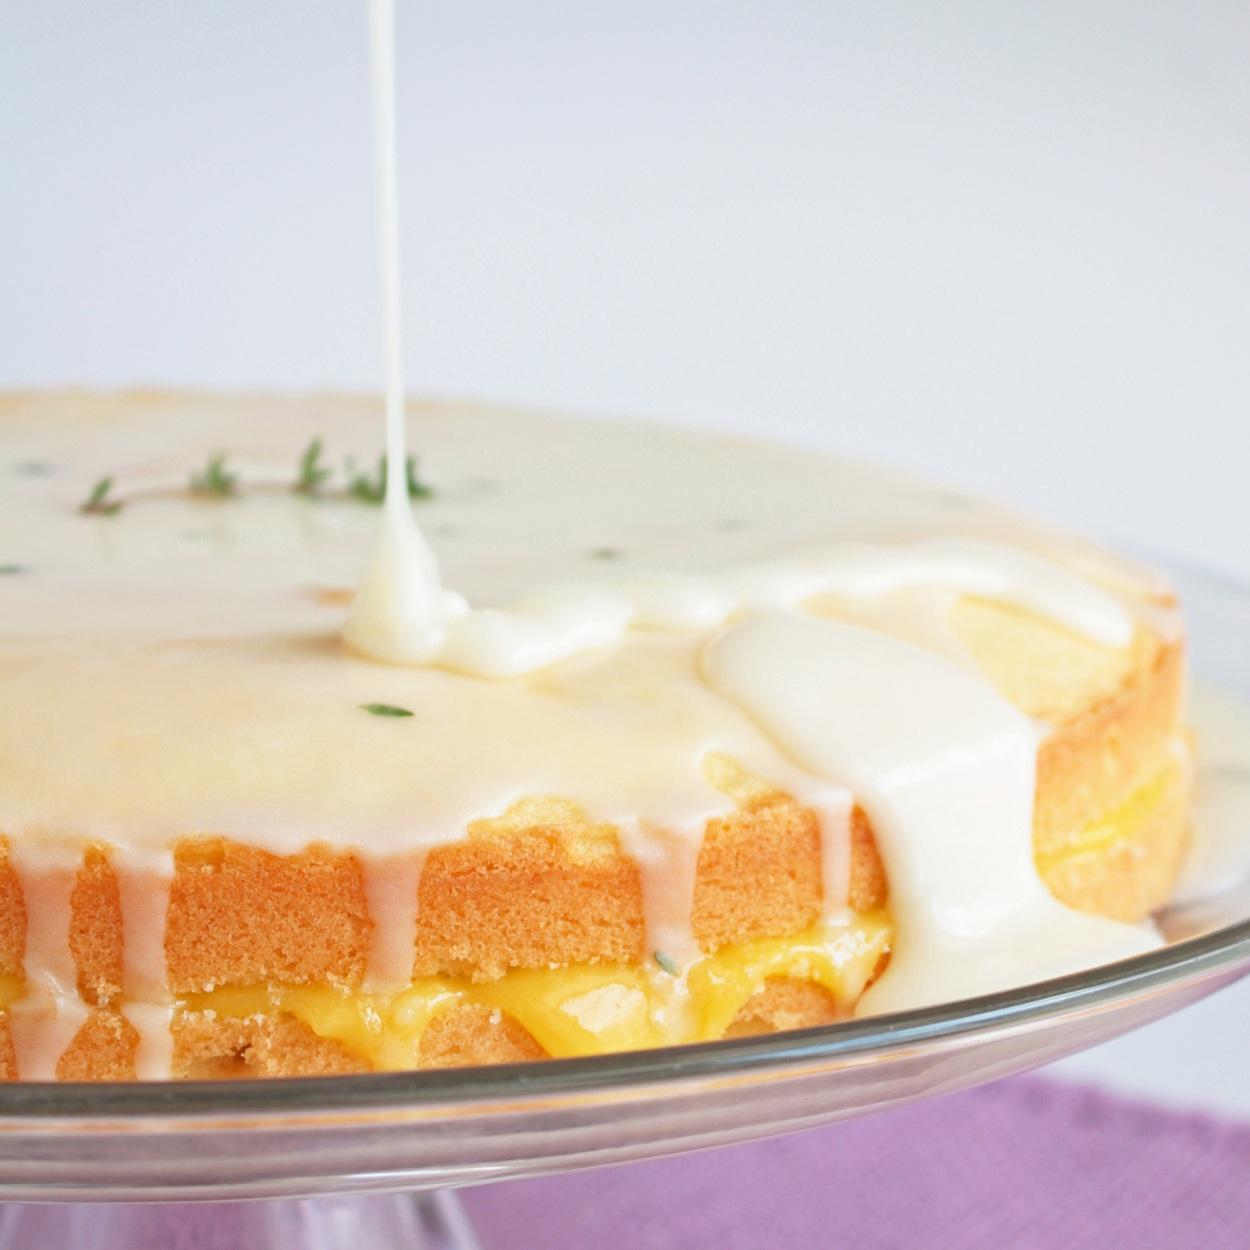 Meyer Lemon Bundt Cake Curd Filling